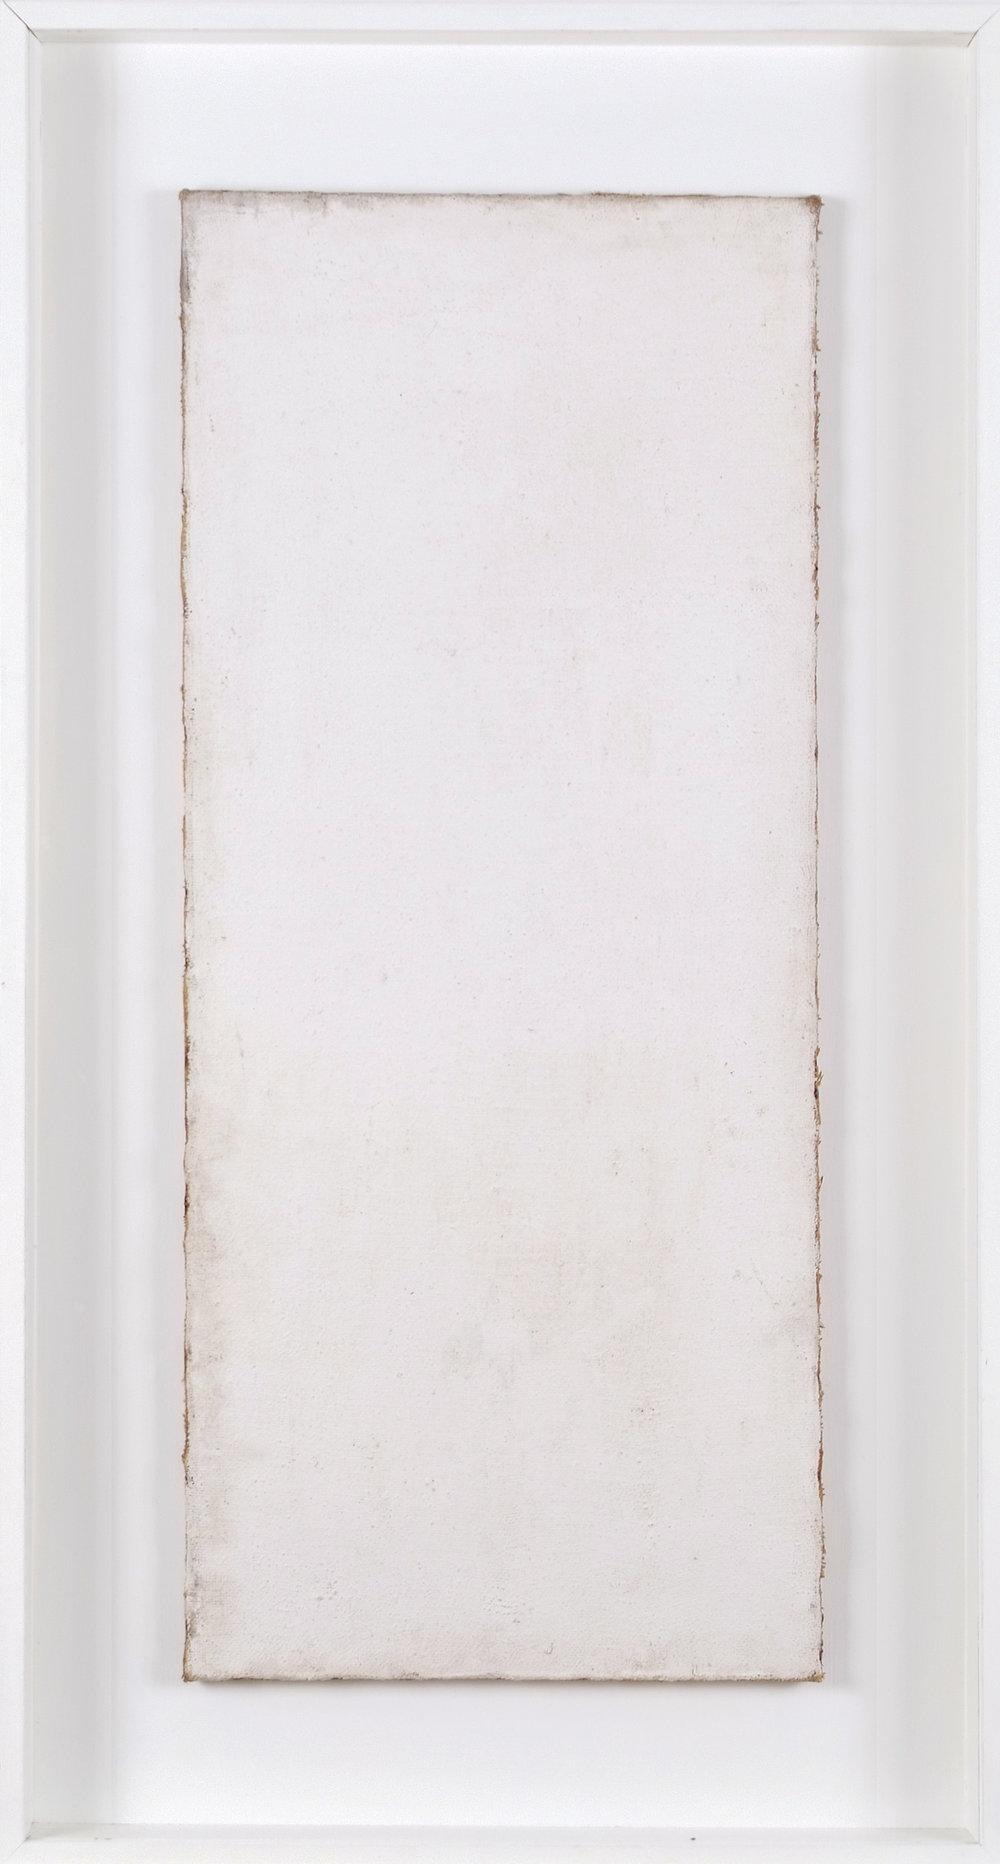 Nesselgrund IV | 1962 | Kreidegrund auf Leinwand | 131,5 x 71 x 8 cm